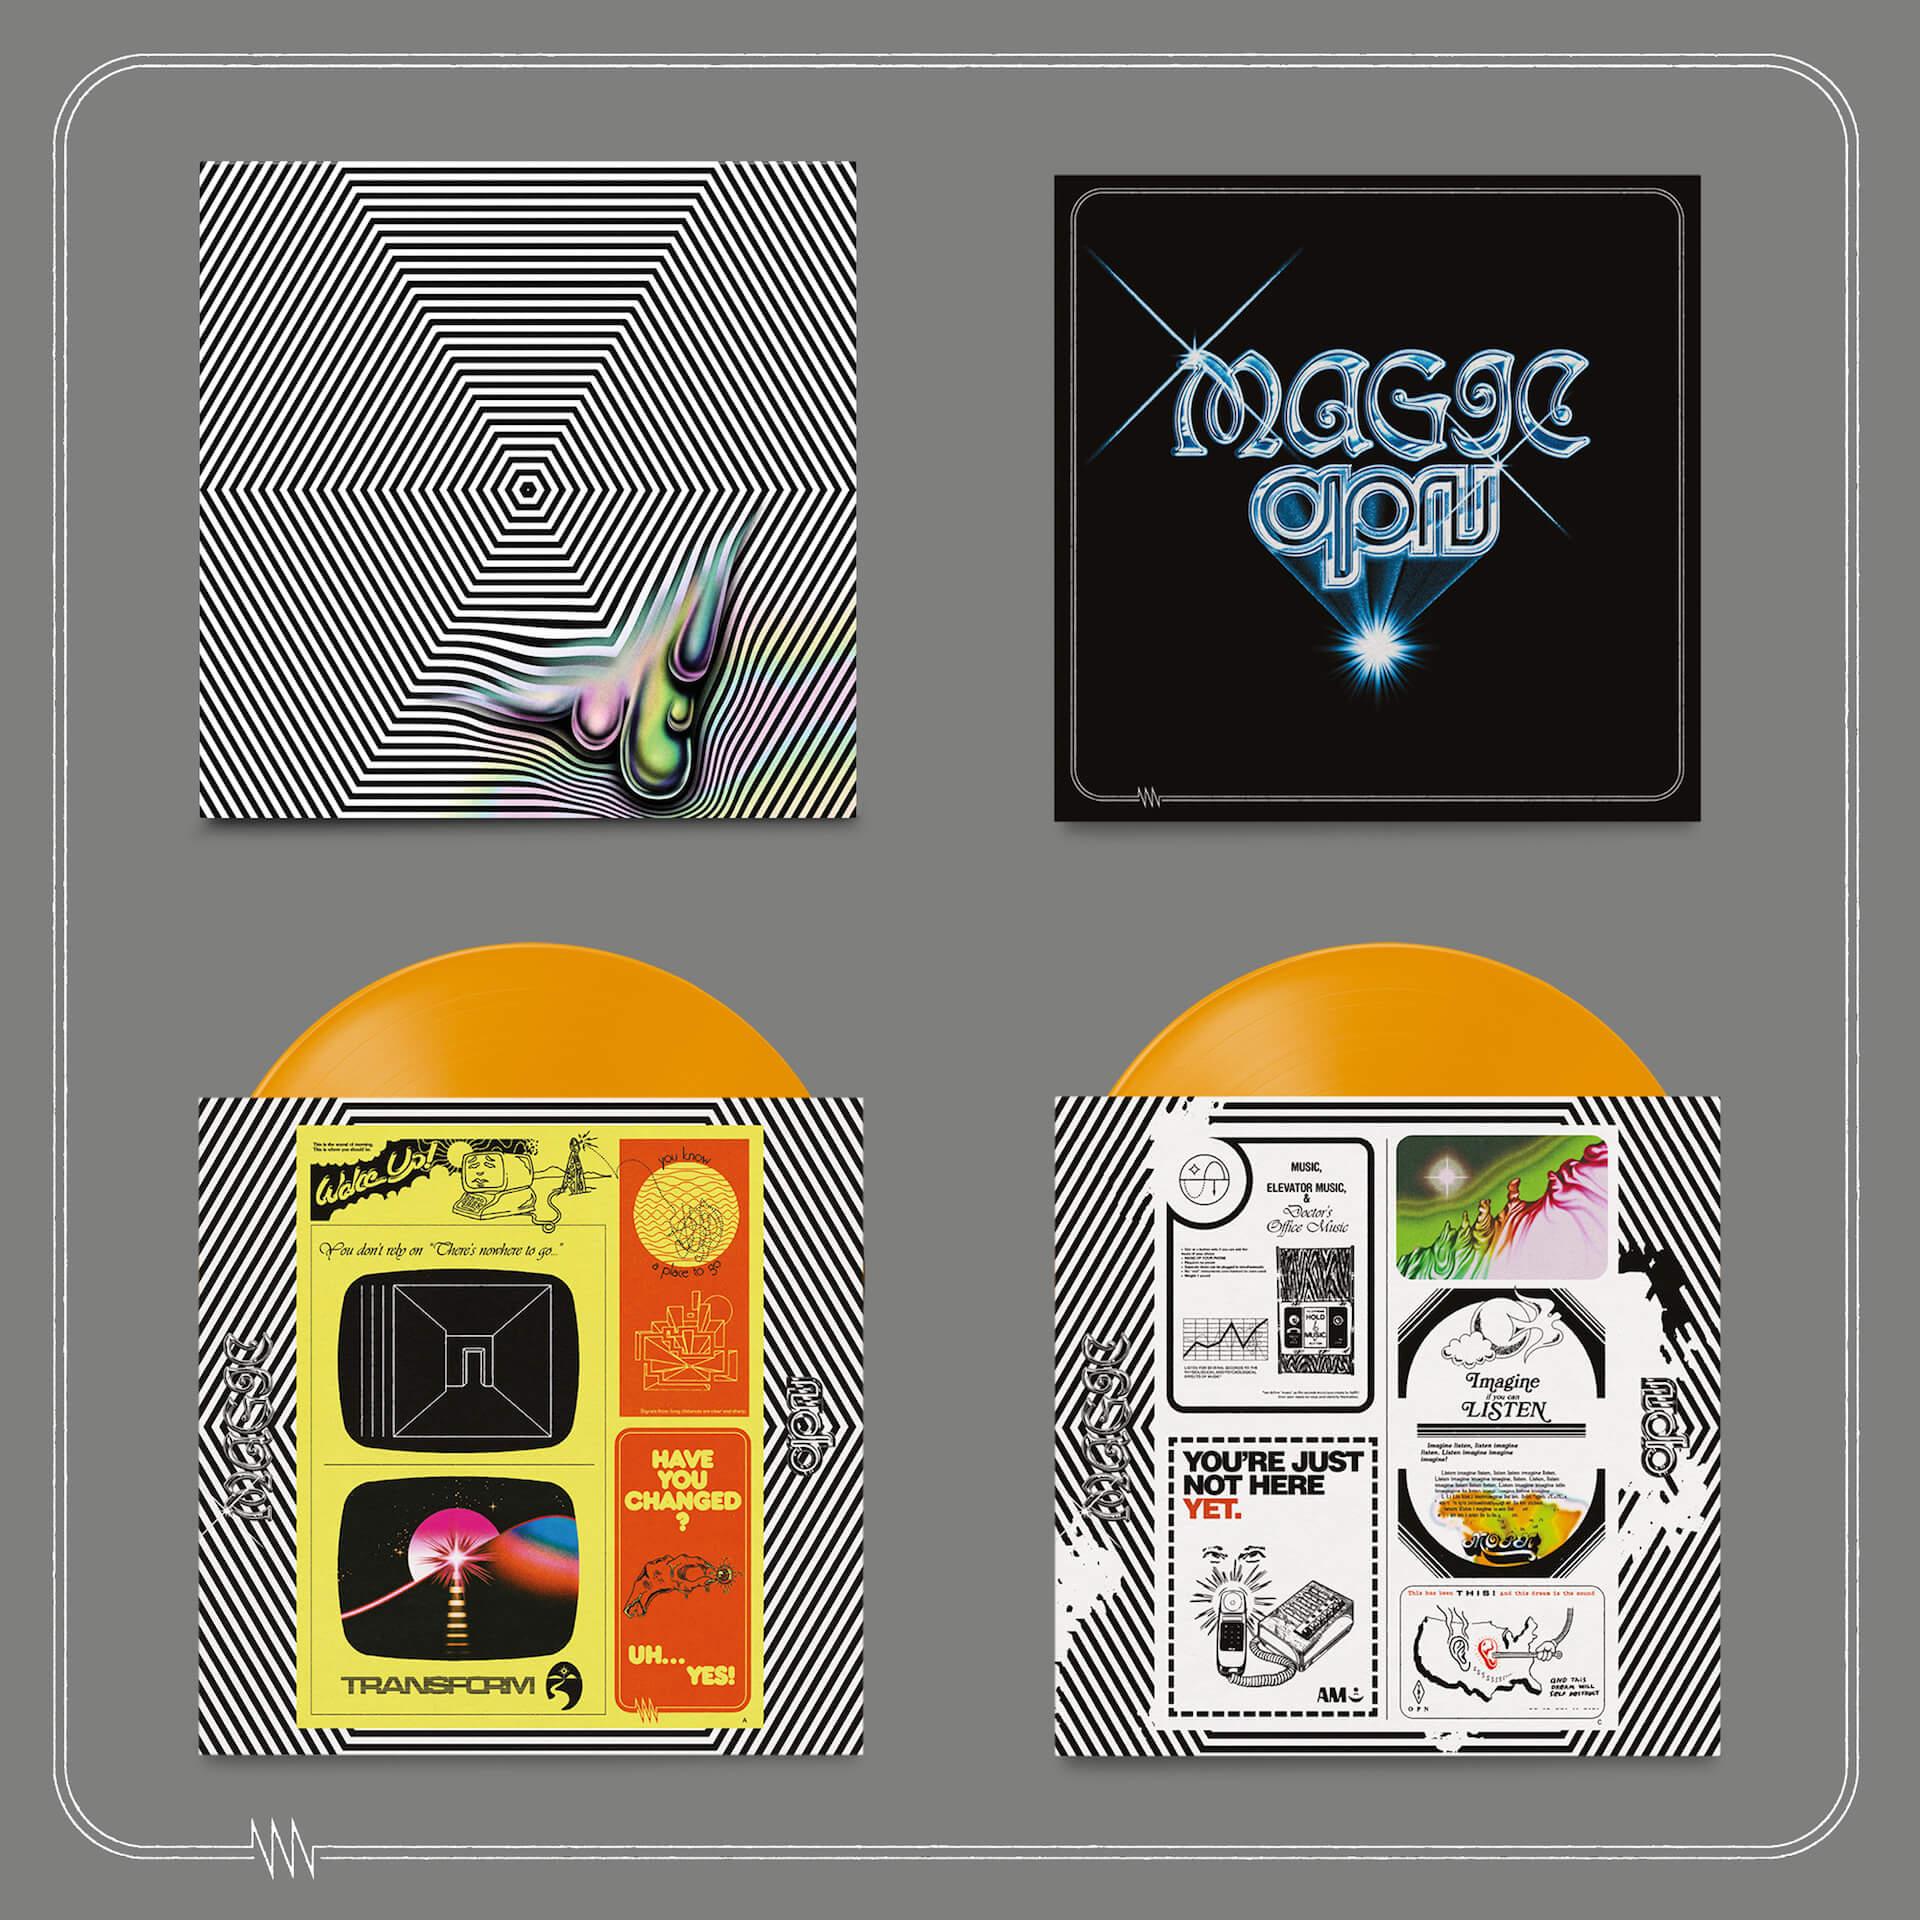 Oneohtrix Point Neverの新アルバム『Magic Oneohtrix Point Never』がリリース決定!シングル3曲をまとめたパッケージが公開 music200924_opn_13